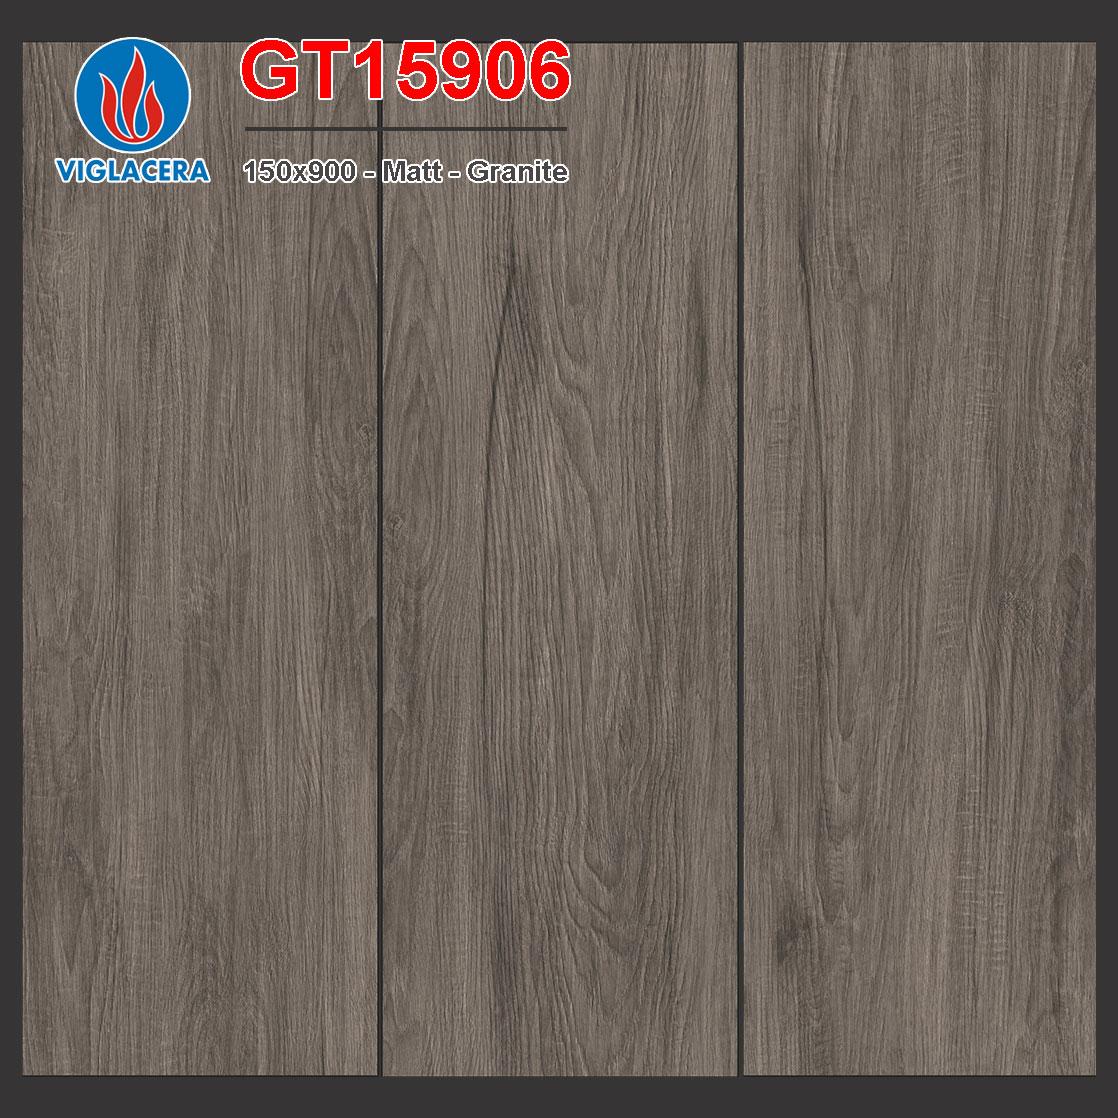 Gạch vân gỗ 150x900 Viglacera GT15906 giá rẻ